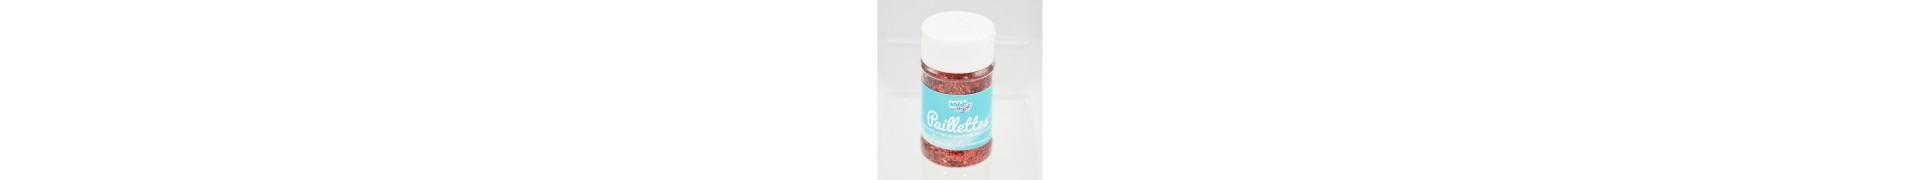 Paillette - Pot: 60 Ggr - Rouge